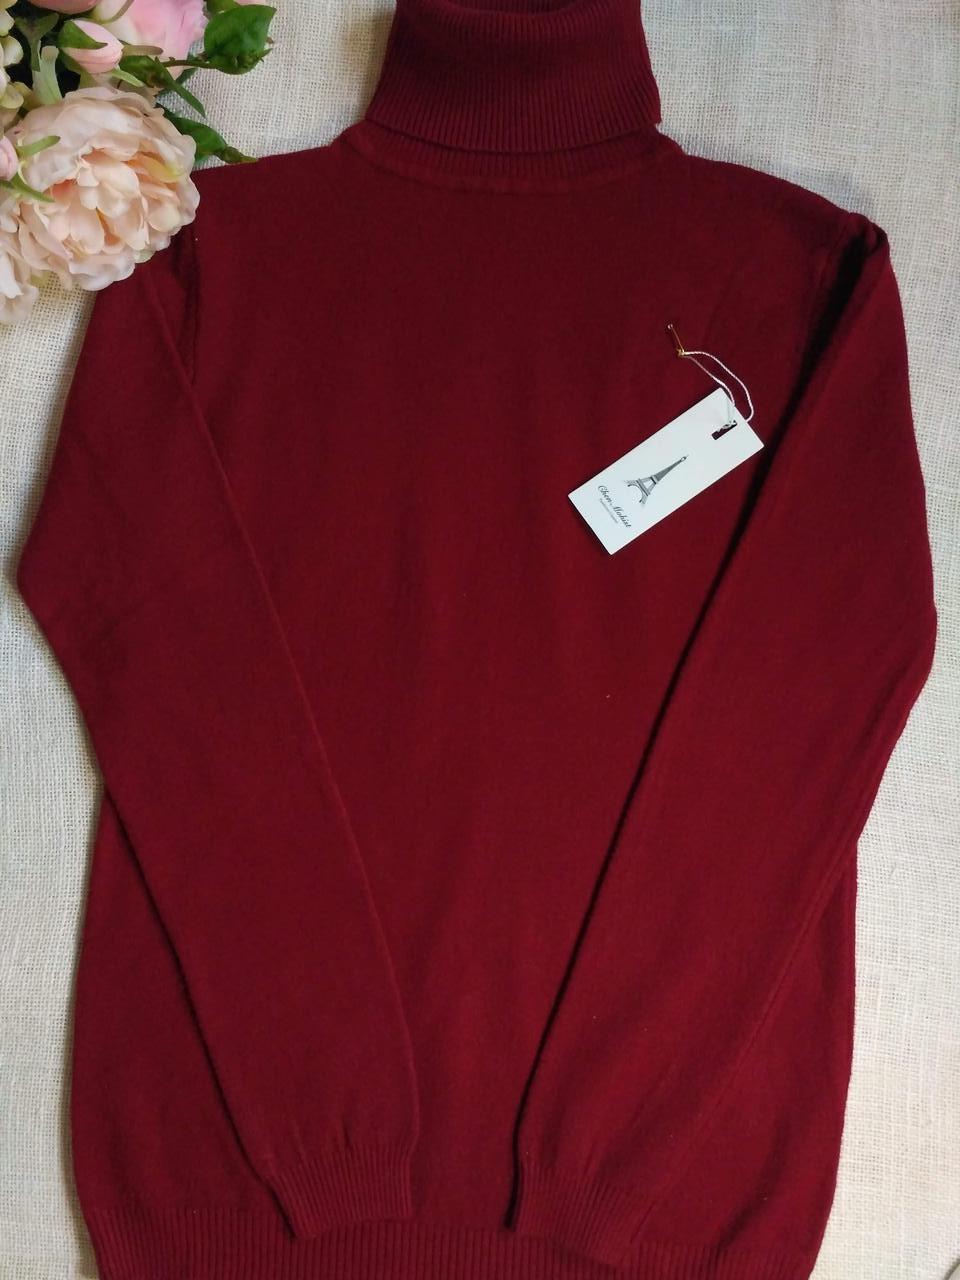 Бордовый гольф женский шерстяной с высоким горлом и манжетами S \ XL 40 42 44 46 48 водолазка женская бордо